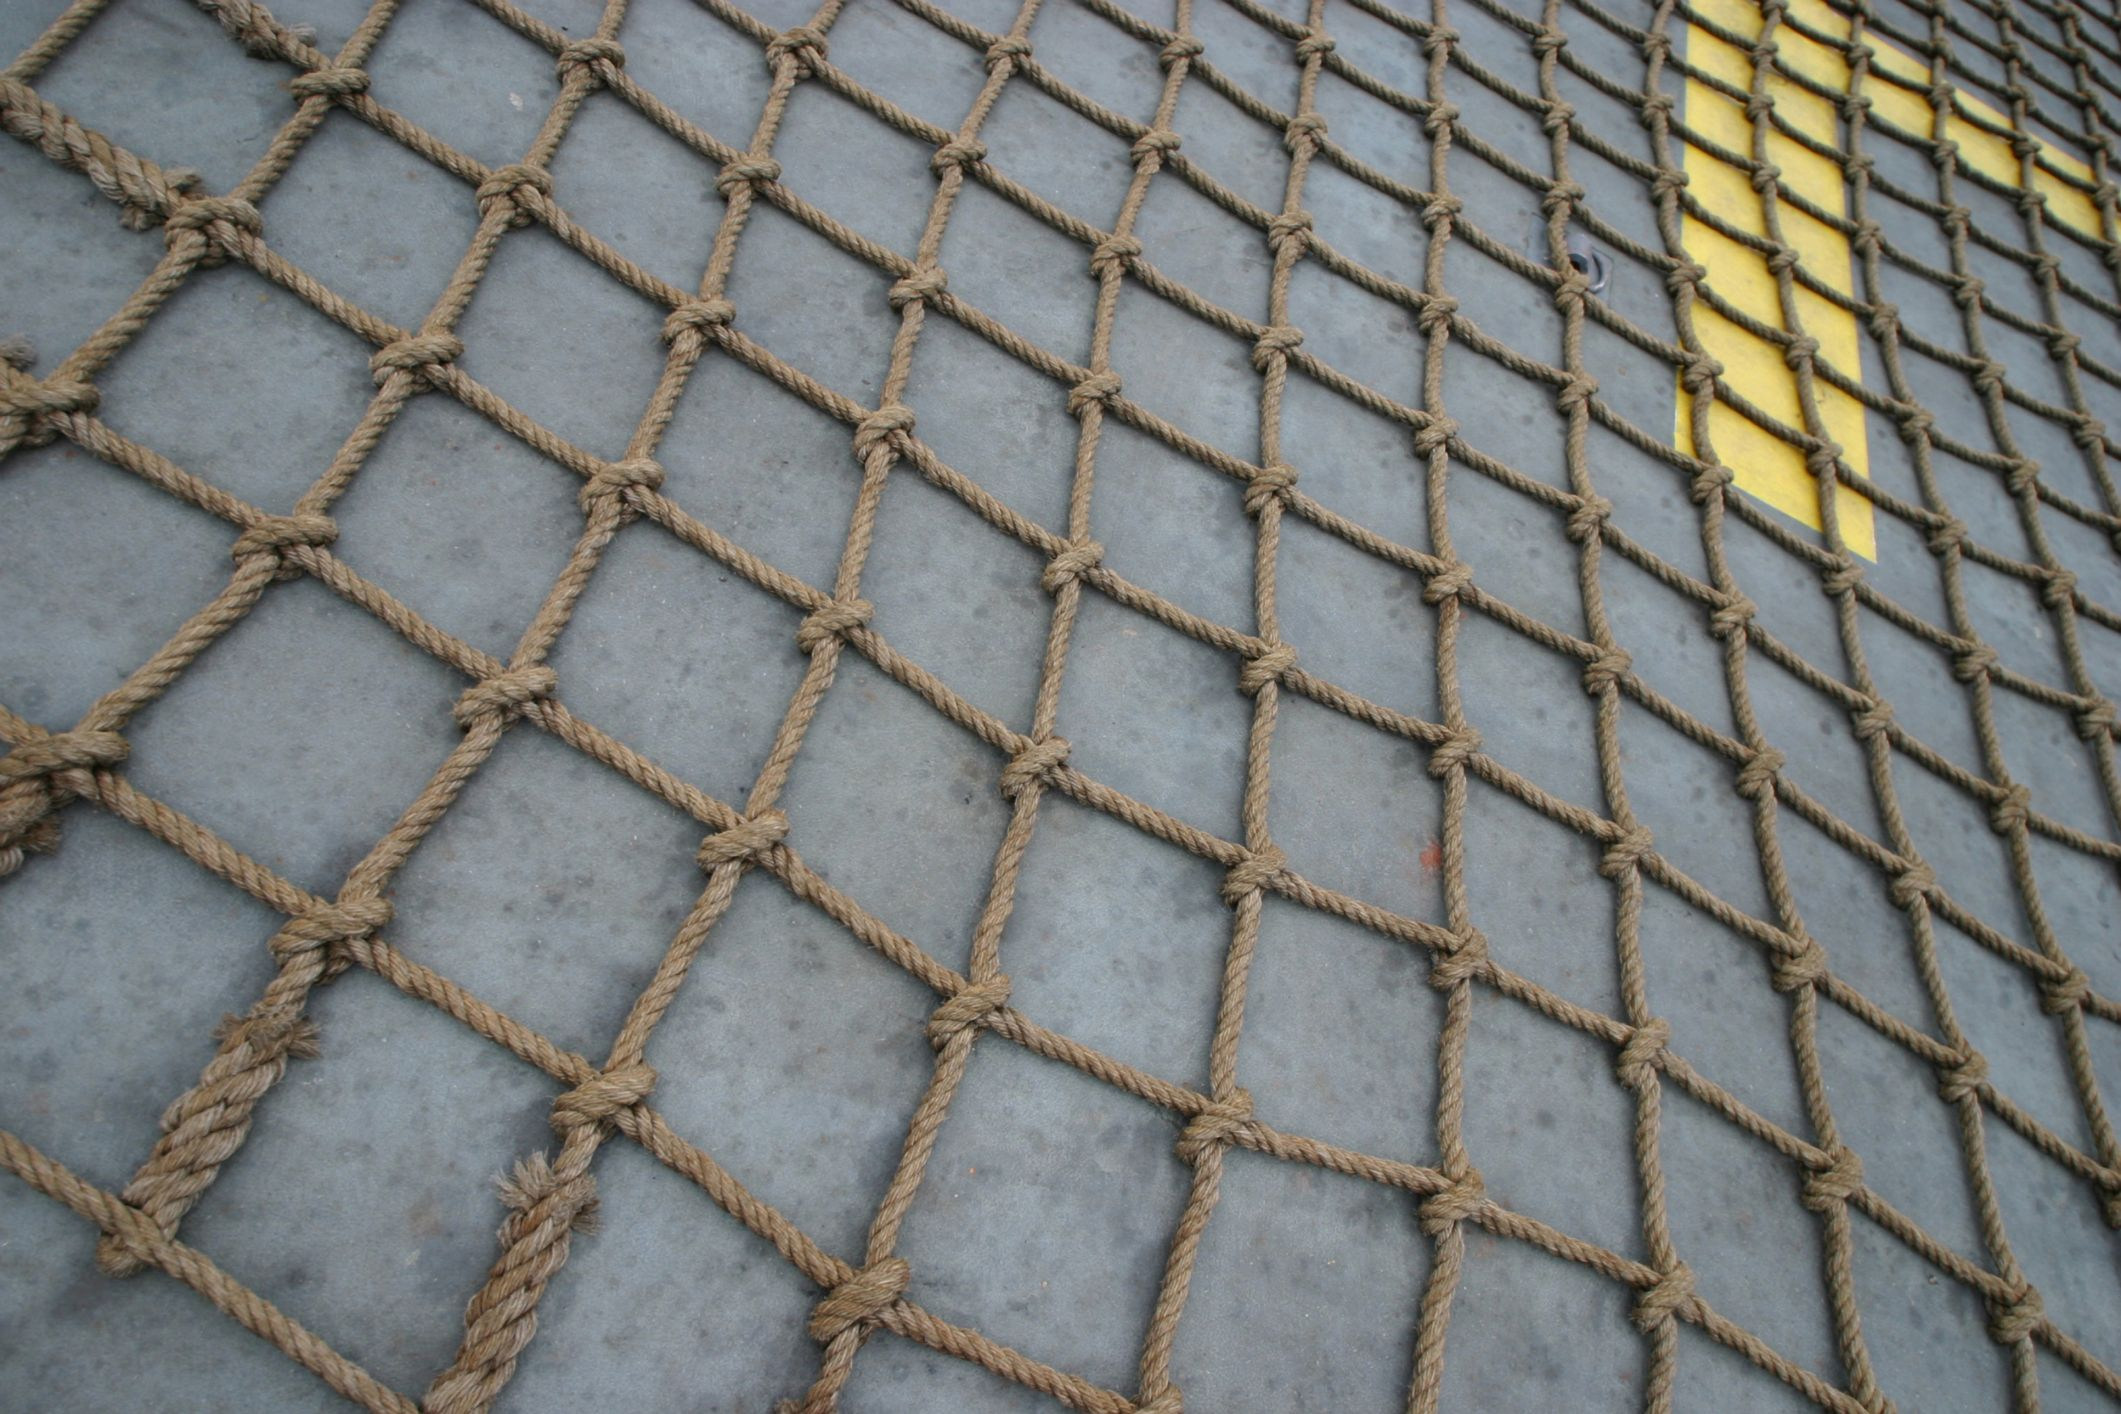 C mo hacer escaleras de cuerda de malla para parques - Escaleras de cuerda ...